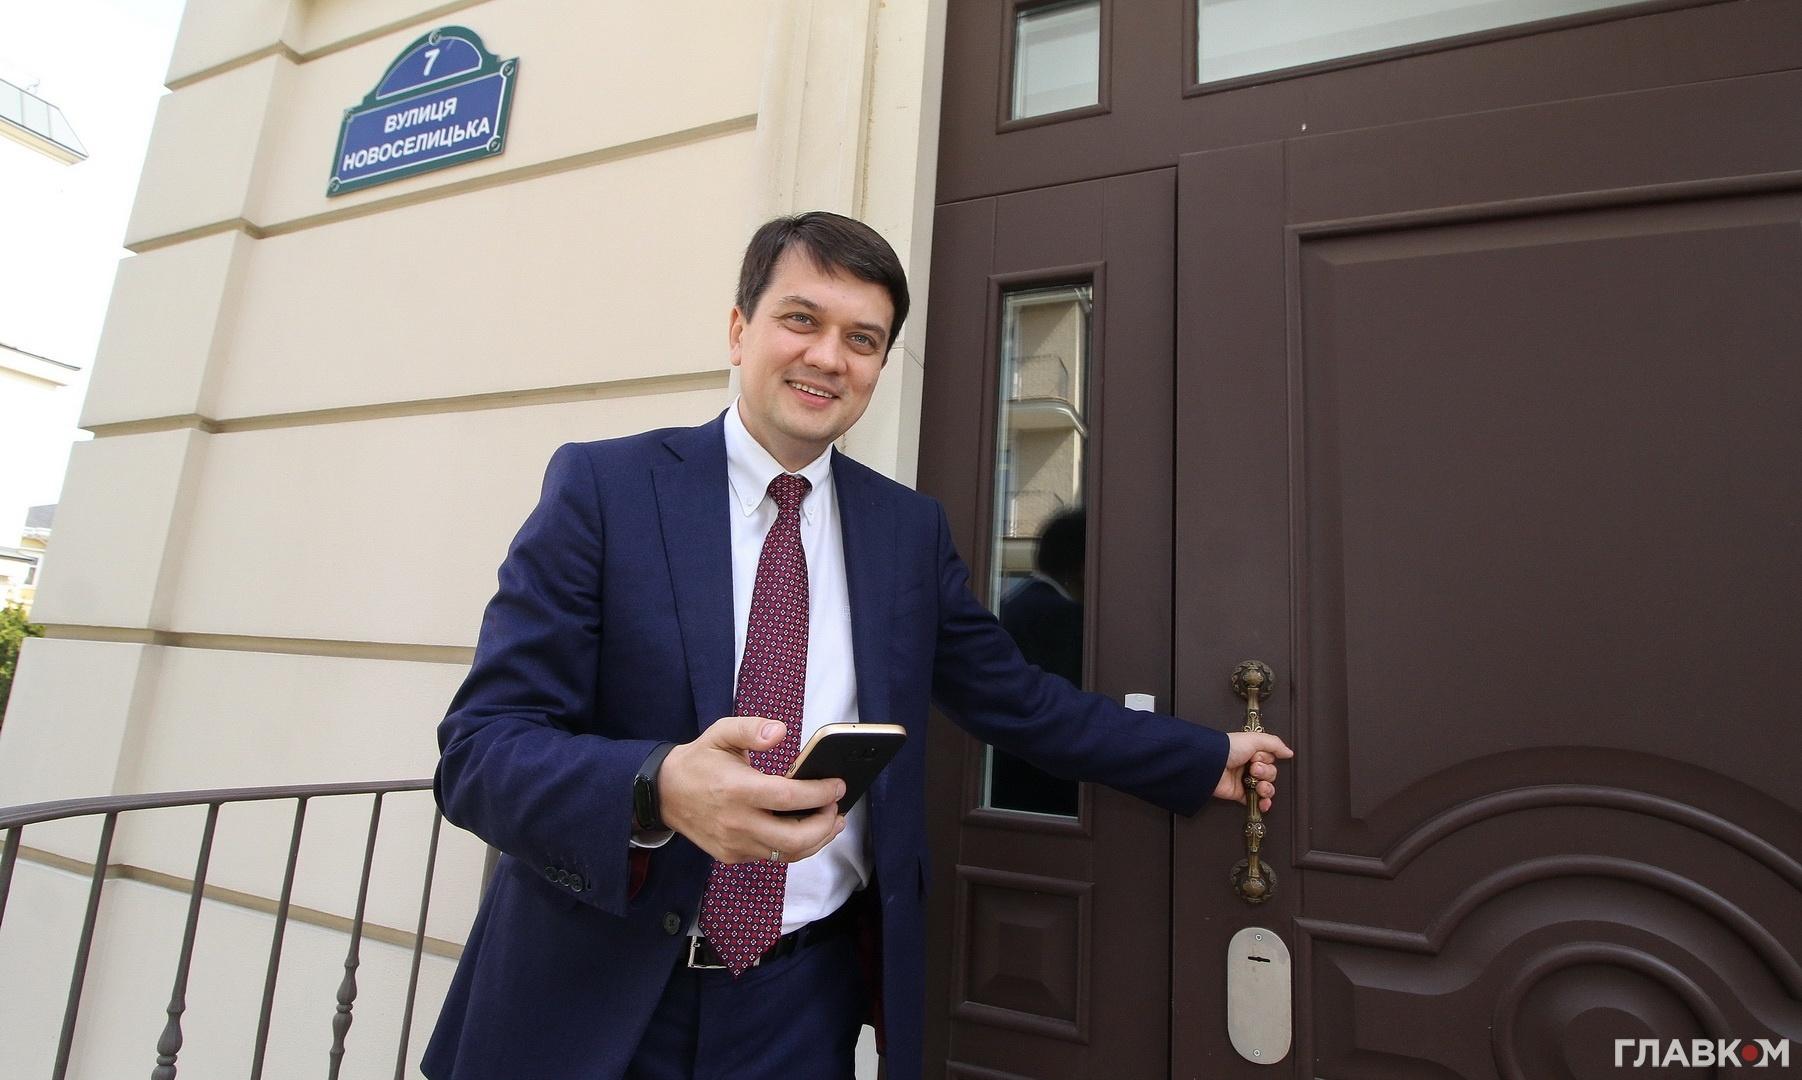 Украина, Политика, Роспуск, Верховная Рада, Зеленский, Разумков, Суд.